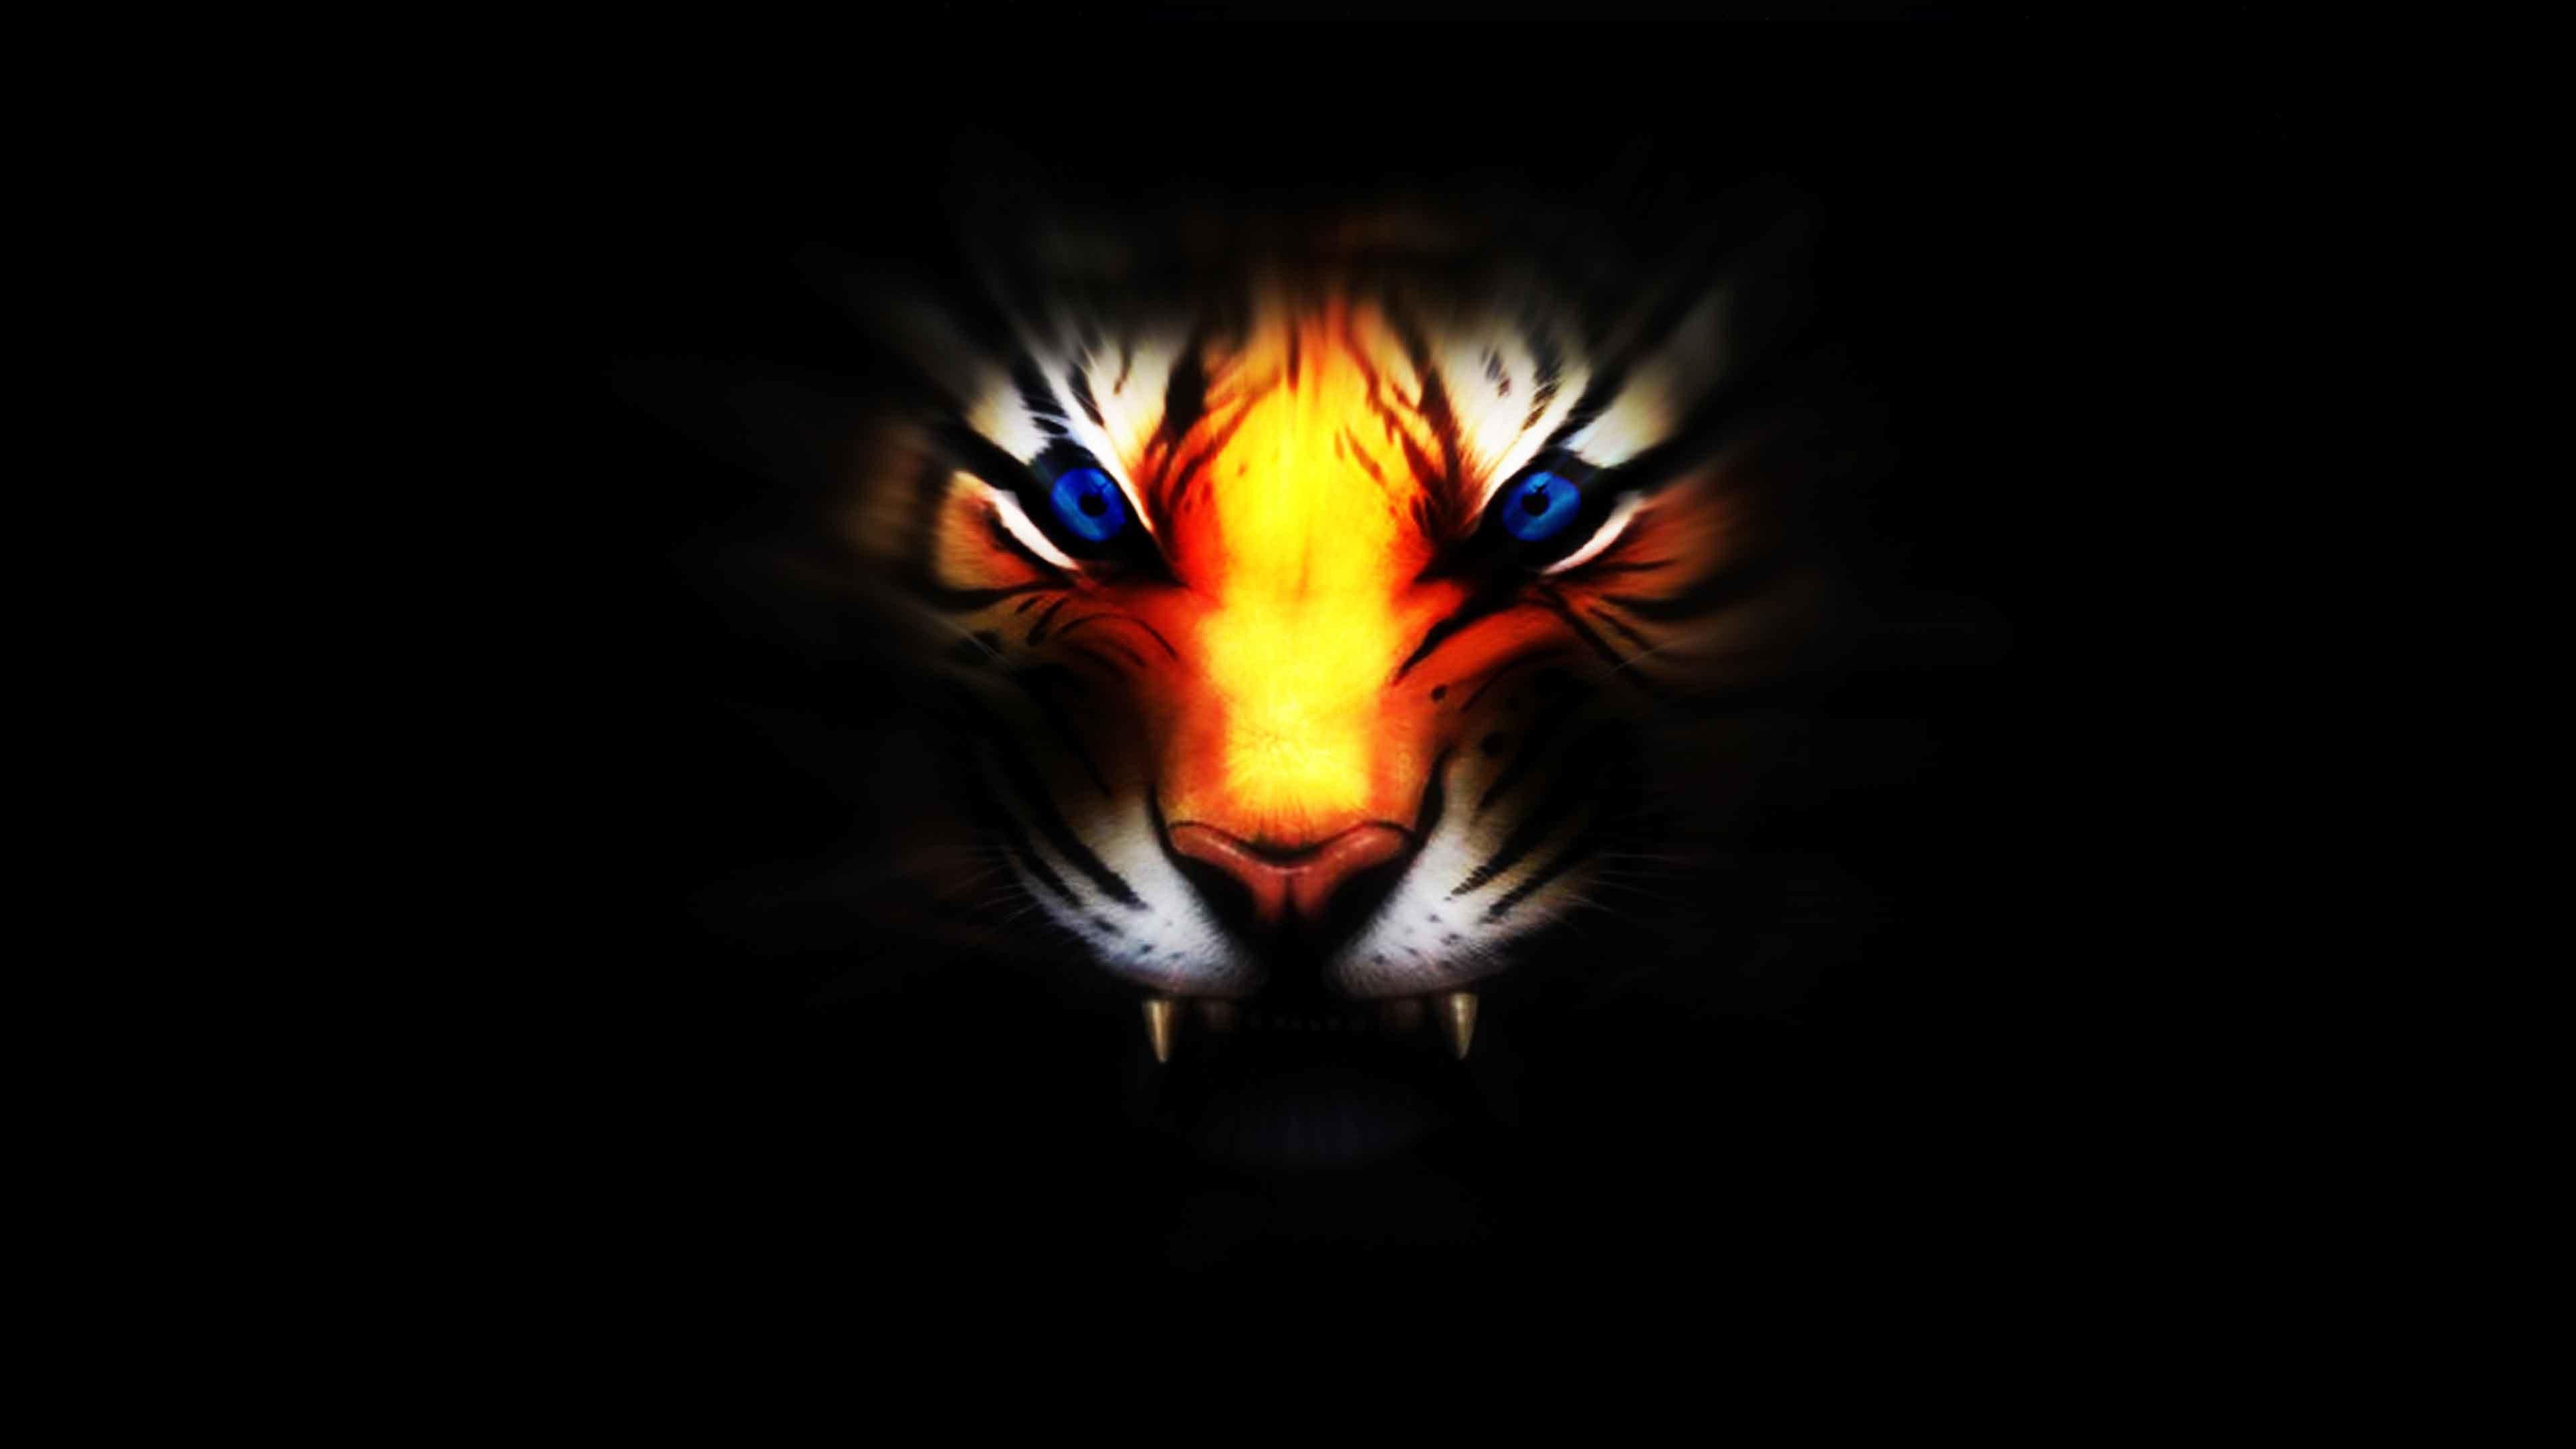 Tiger Wallpaper 3d | Animals Wallpapers | Pinterest | Tiger wallpaper,  Tigers and Wallpaper